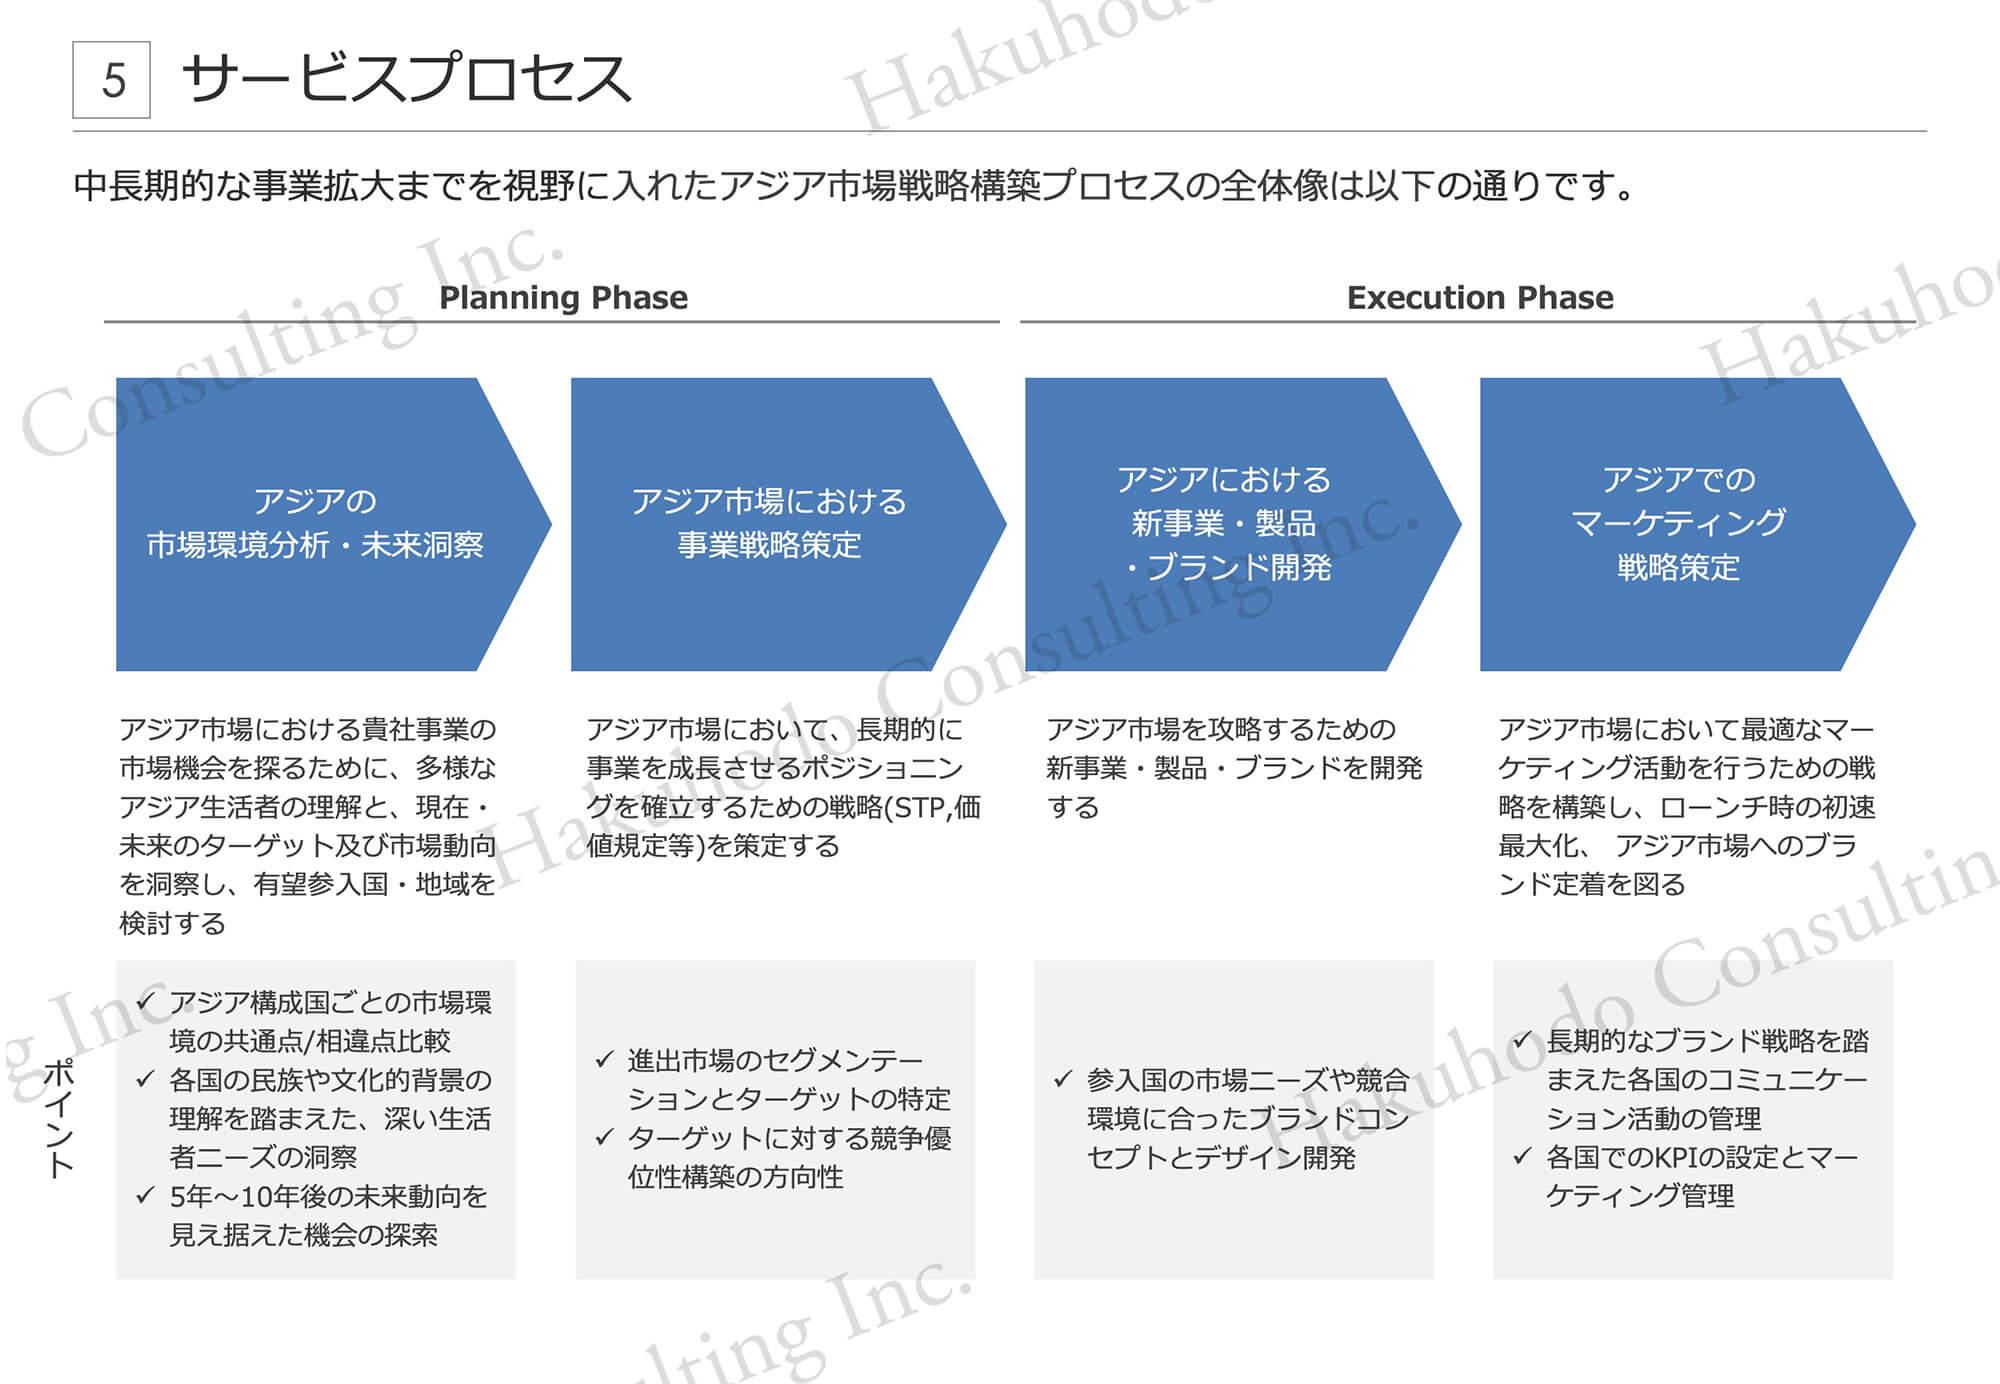 中⻑期的な事業拡大までを視野に入れたアジア市場戦略構築プロセスの全体像は以下の通りです。